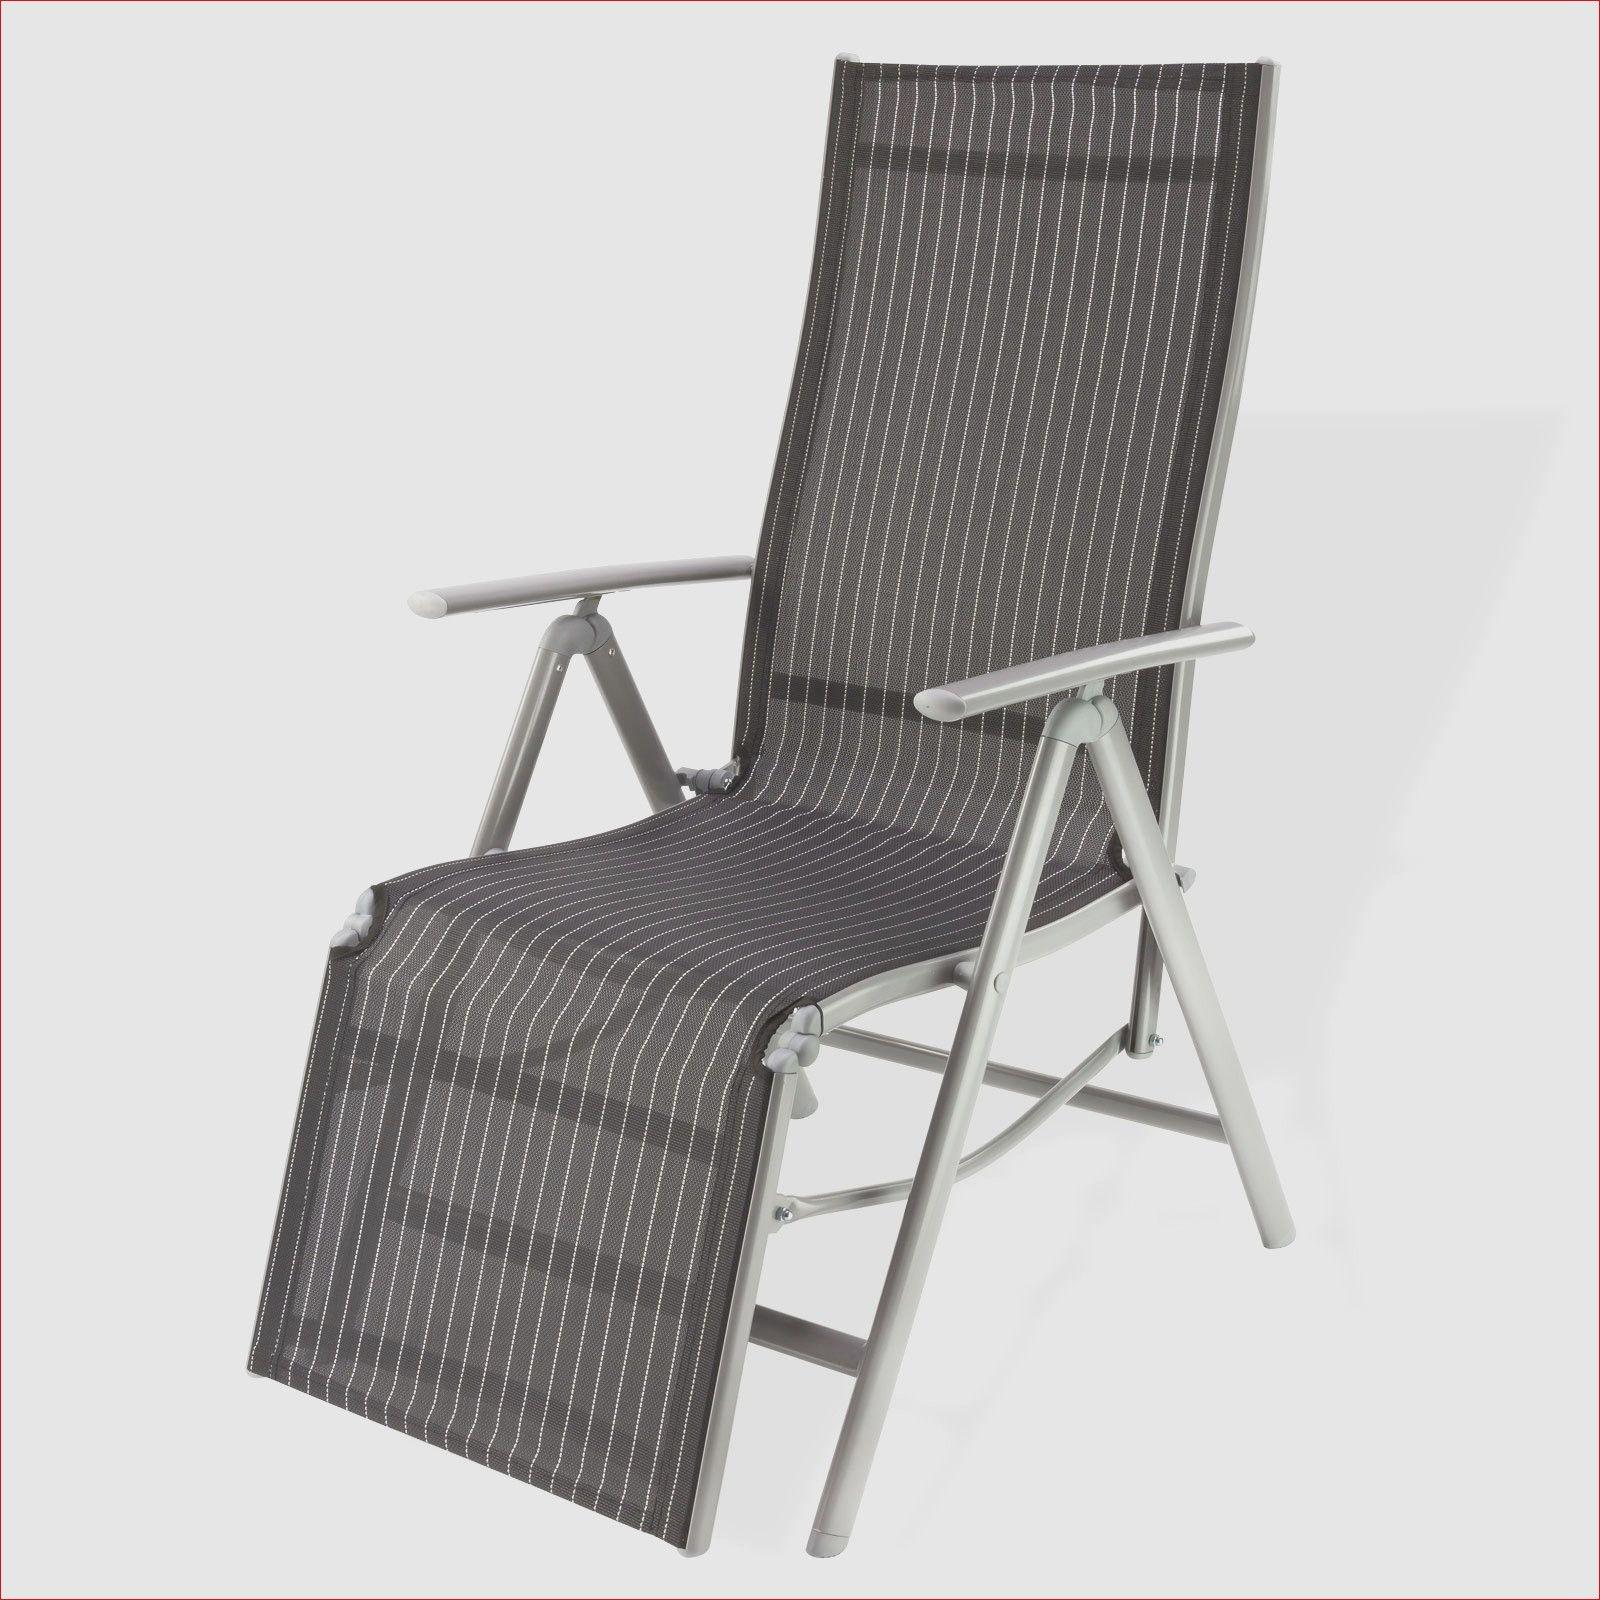 37 Luxus Hochlehner Gartenstuhl Kunststoff Konzept Check More At